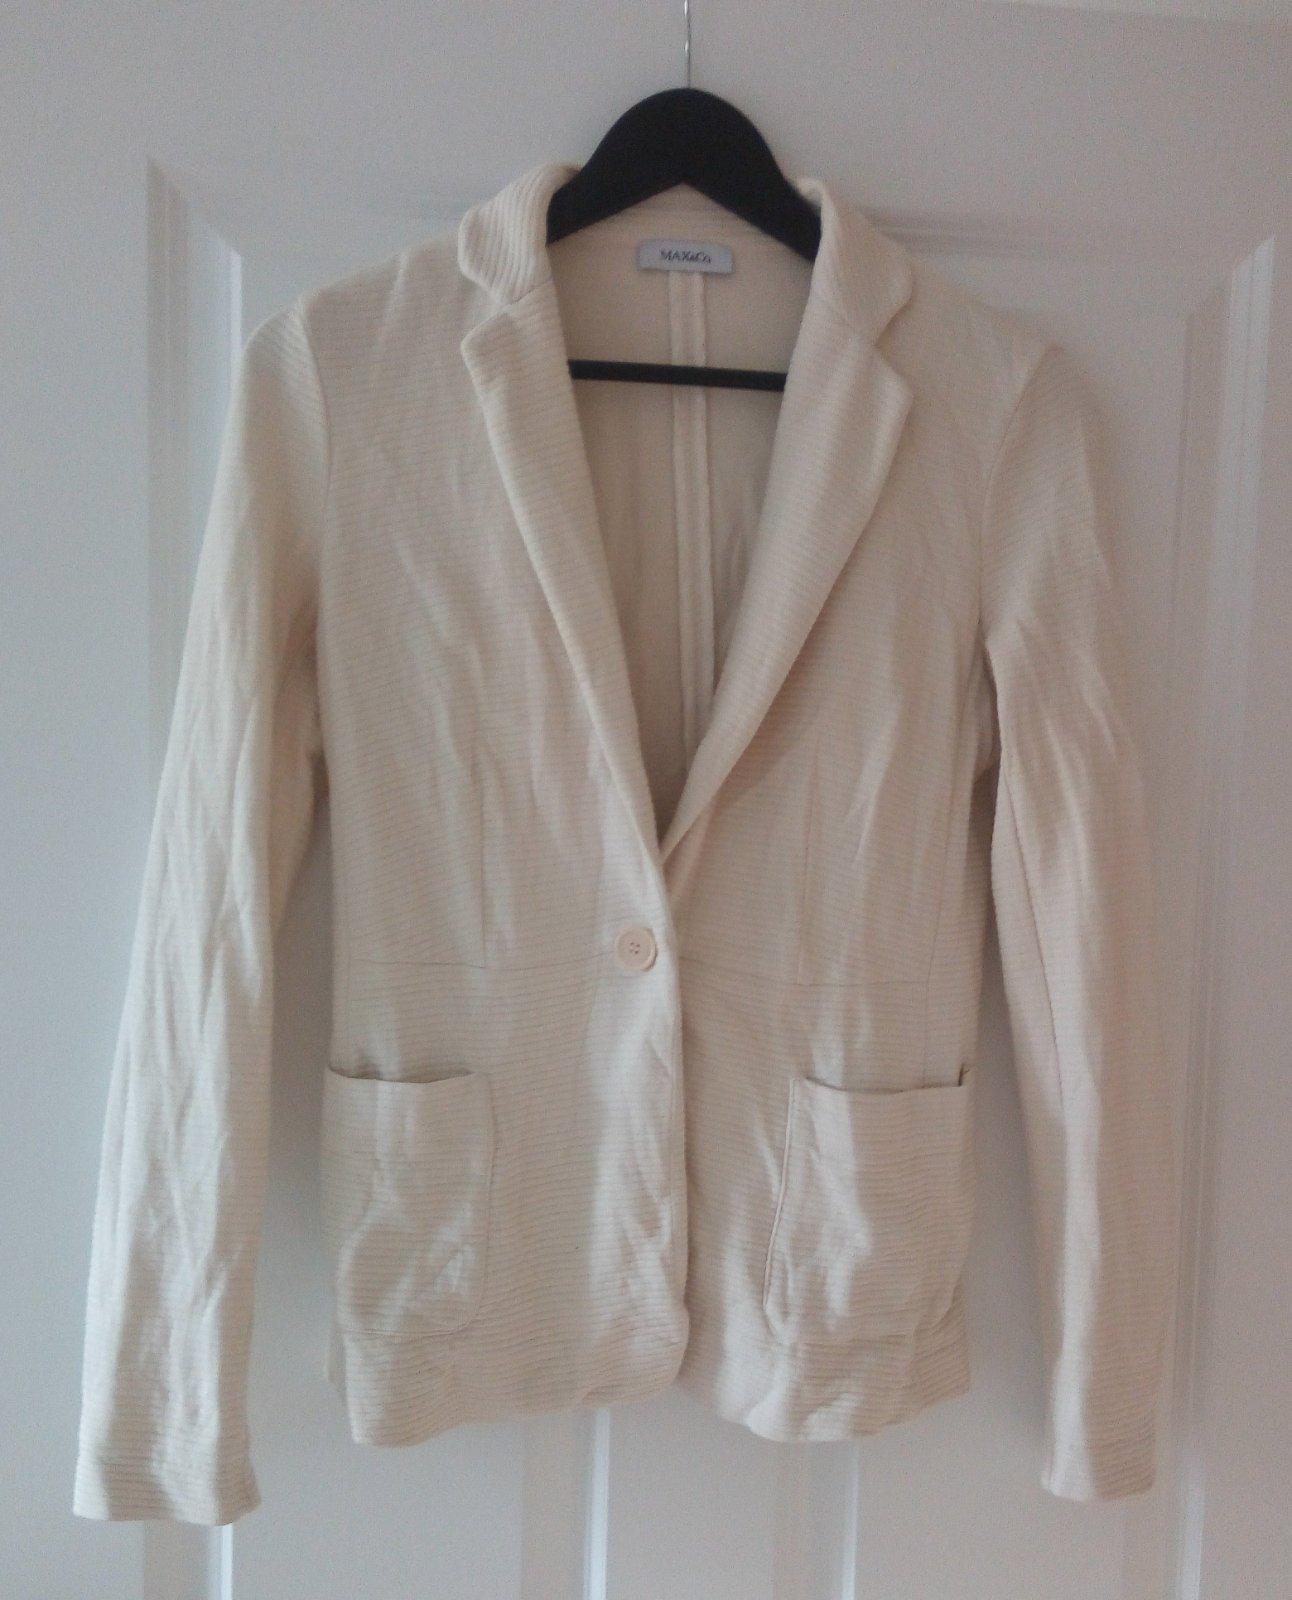 Bledé bavlnené sako S - Obrázok č. 1